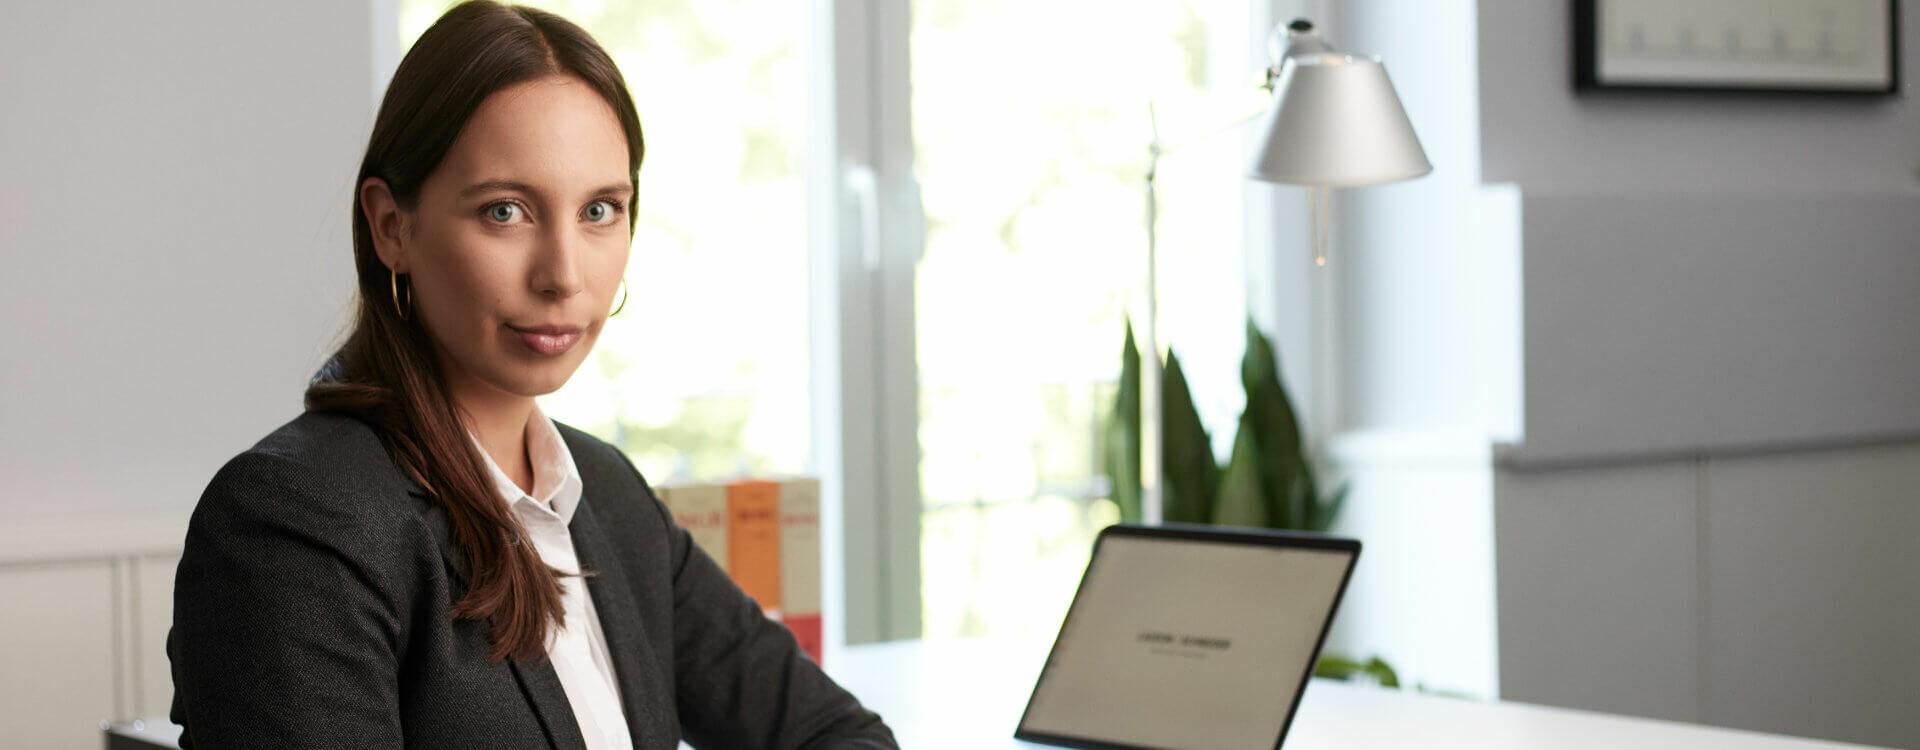 LAUDON SCHNEIDER Strafverteidigung: Rechtsanwältin Laura Leweke, Strafverteidigerin